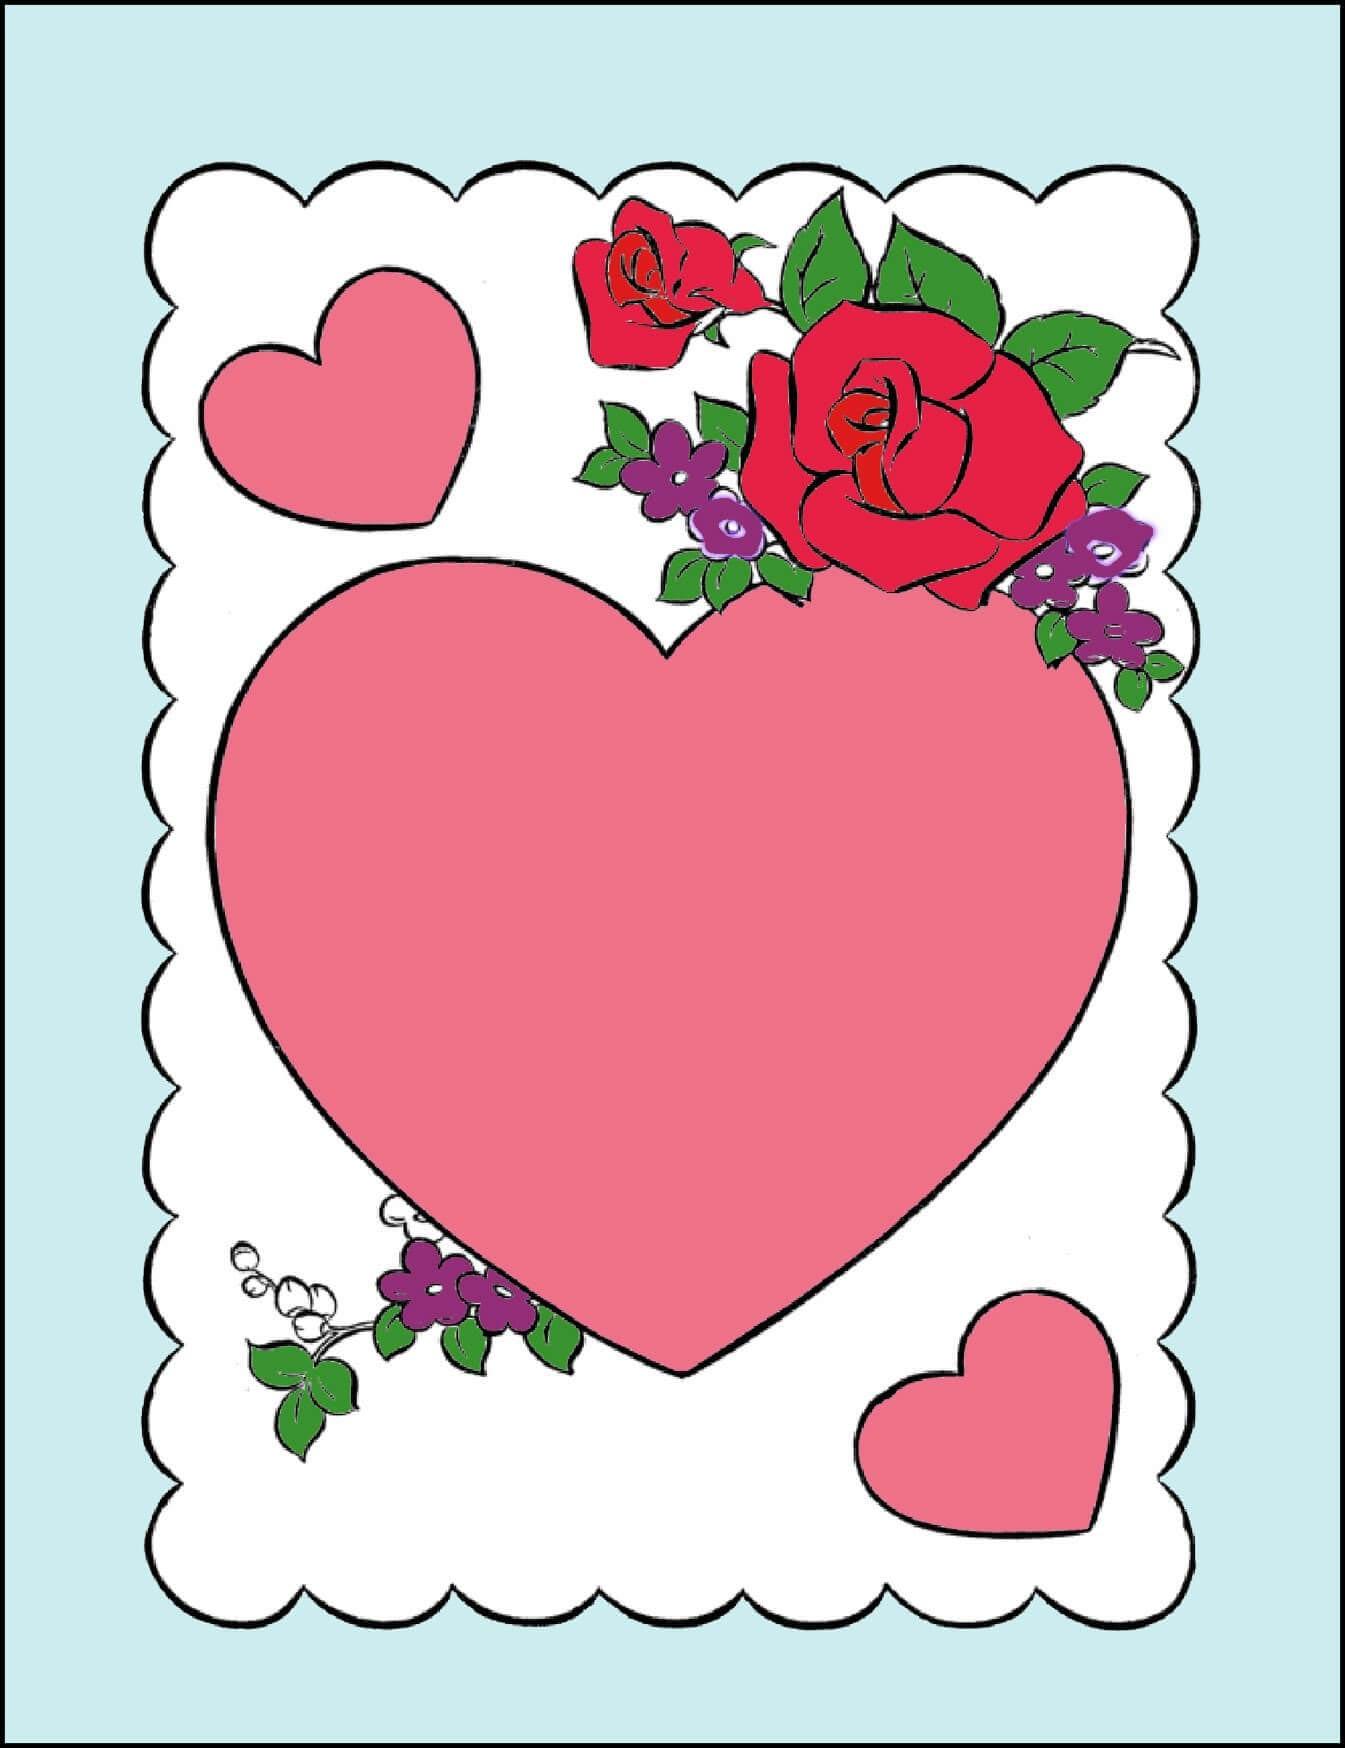 Кофе постель, открытка валентинка распечатать